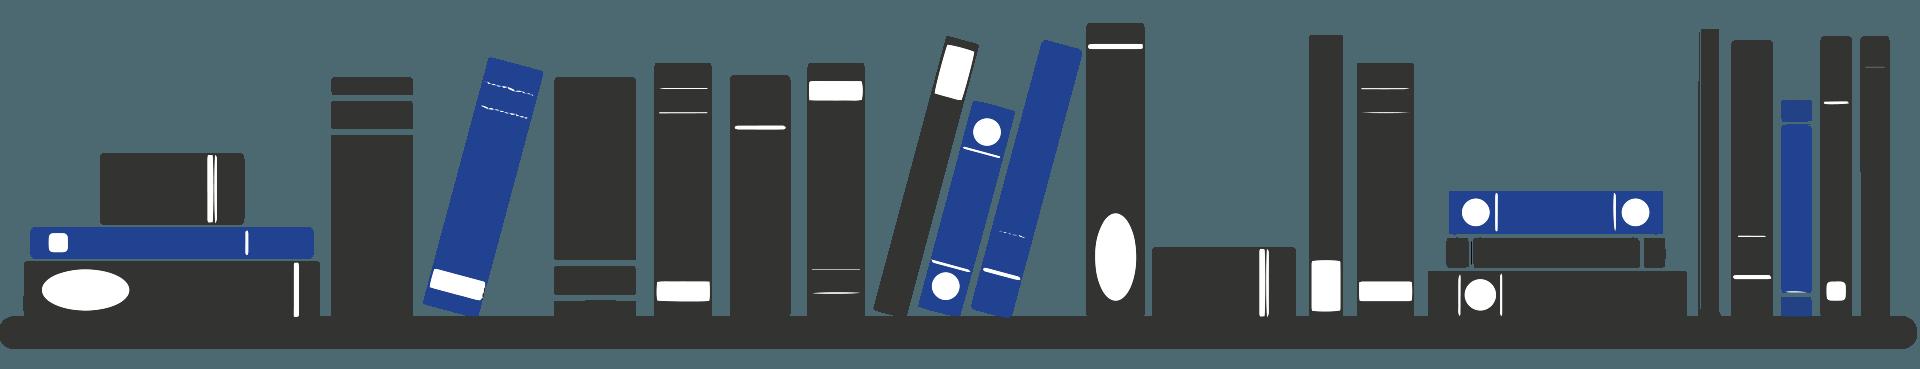 Radius bookshelf